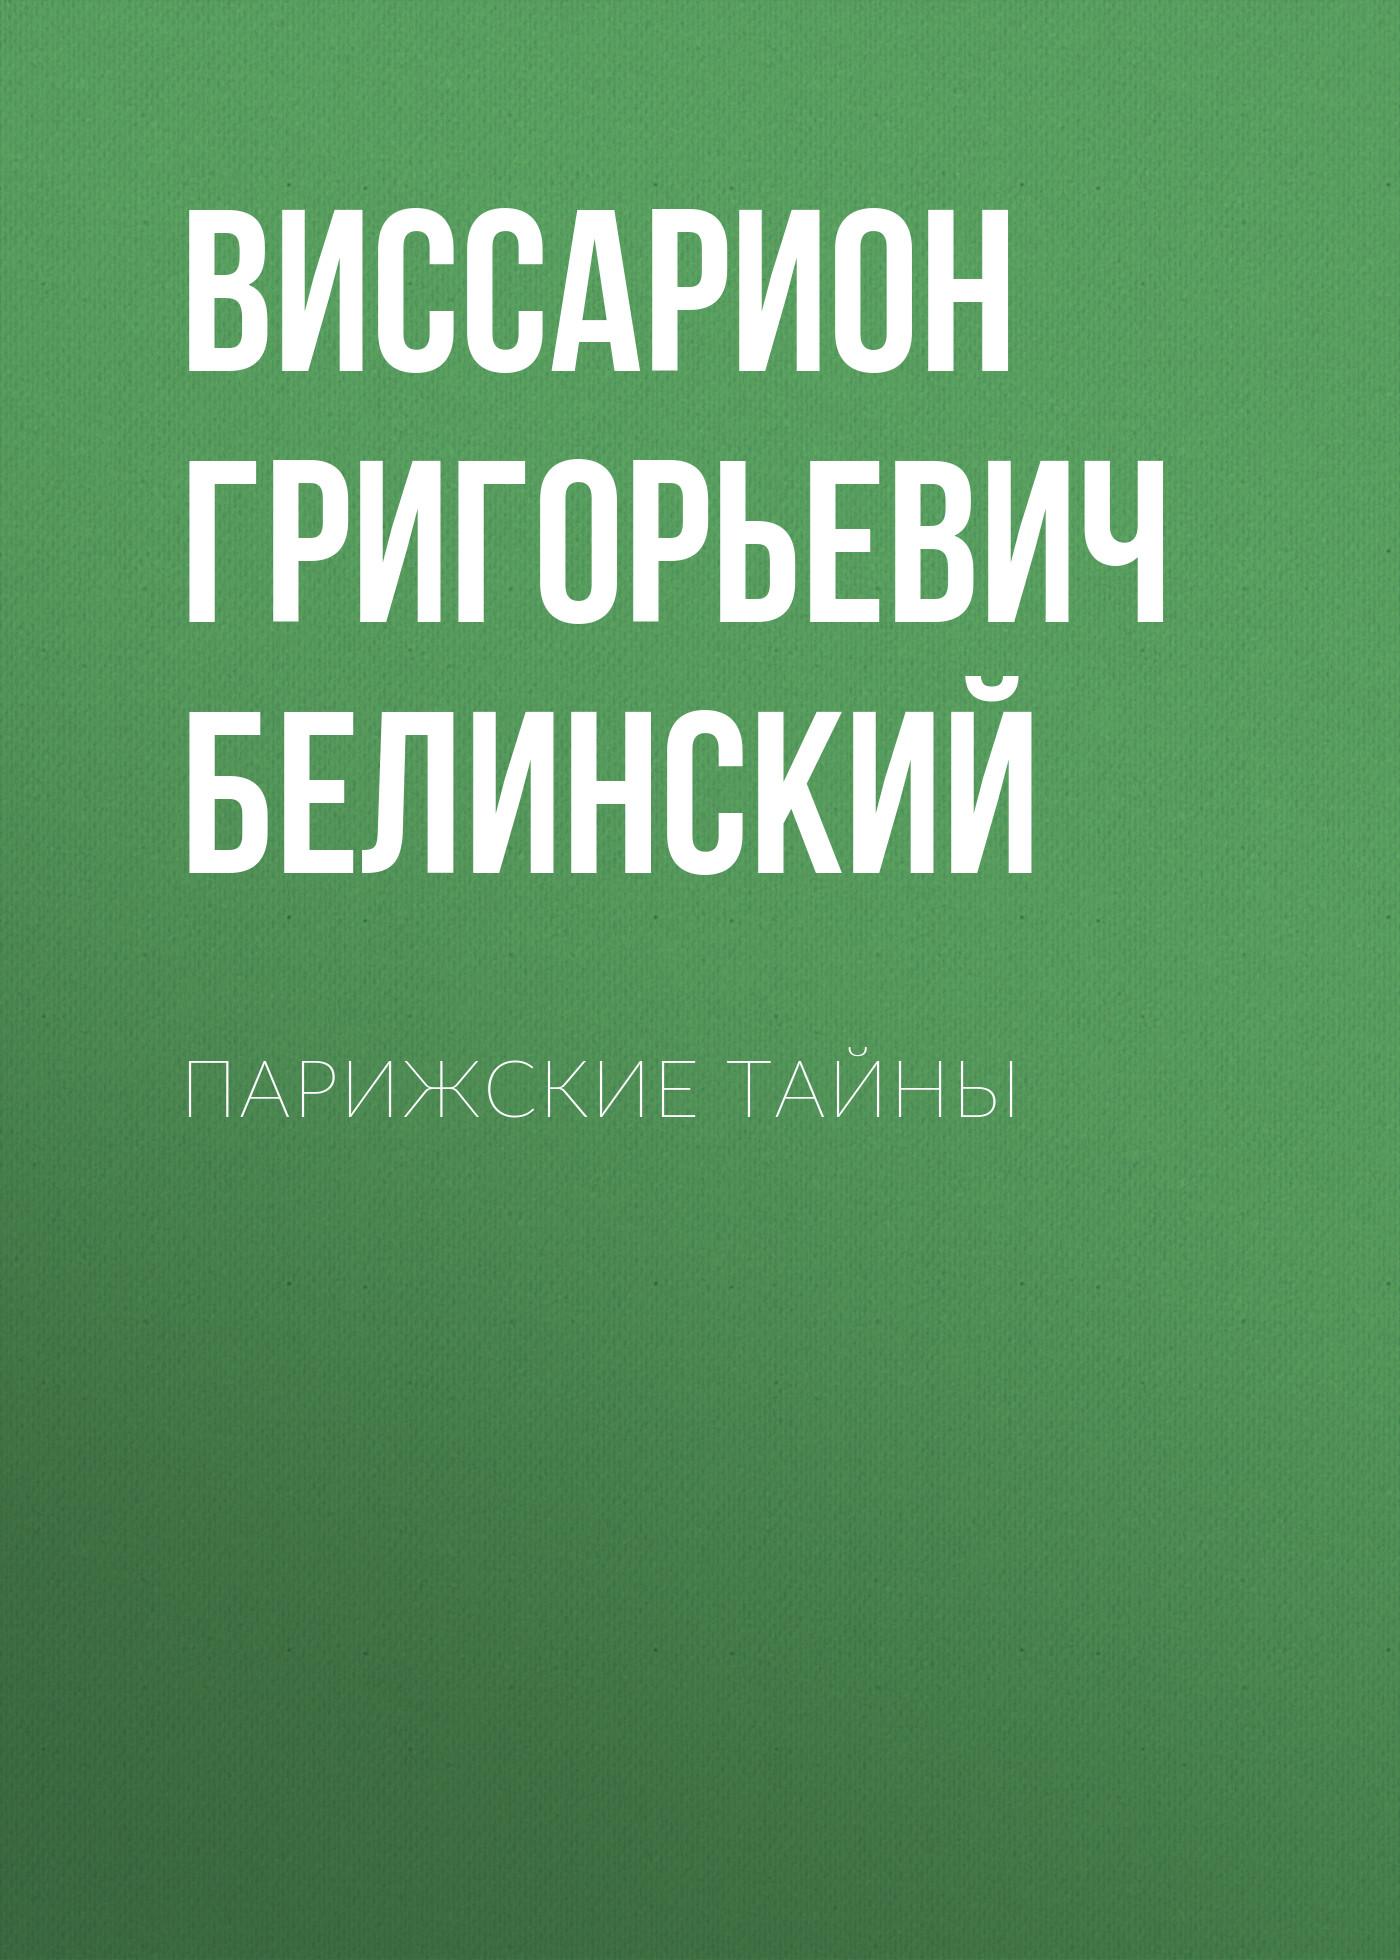 Виссарион Григорьевич Белинский Парижские тайны виссарион григорьевич белинский сельское чтение…